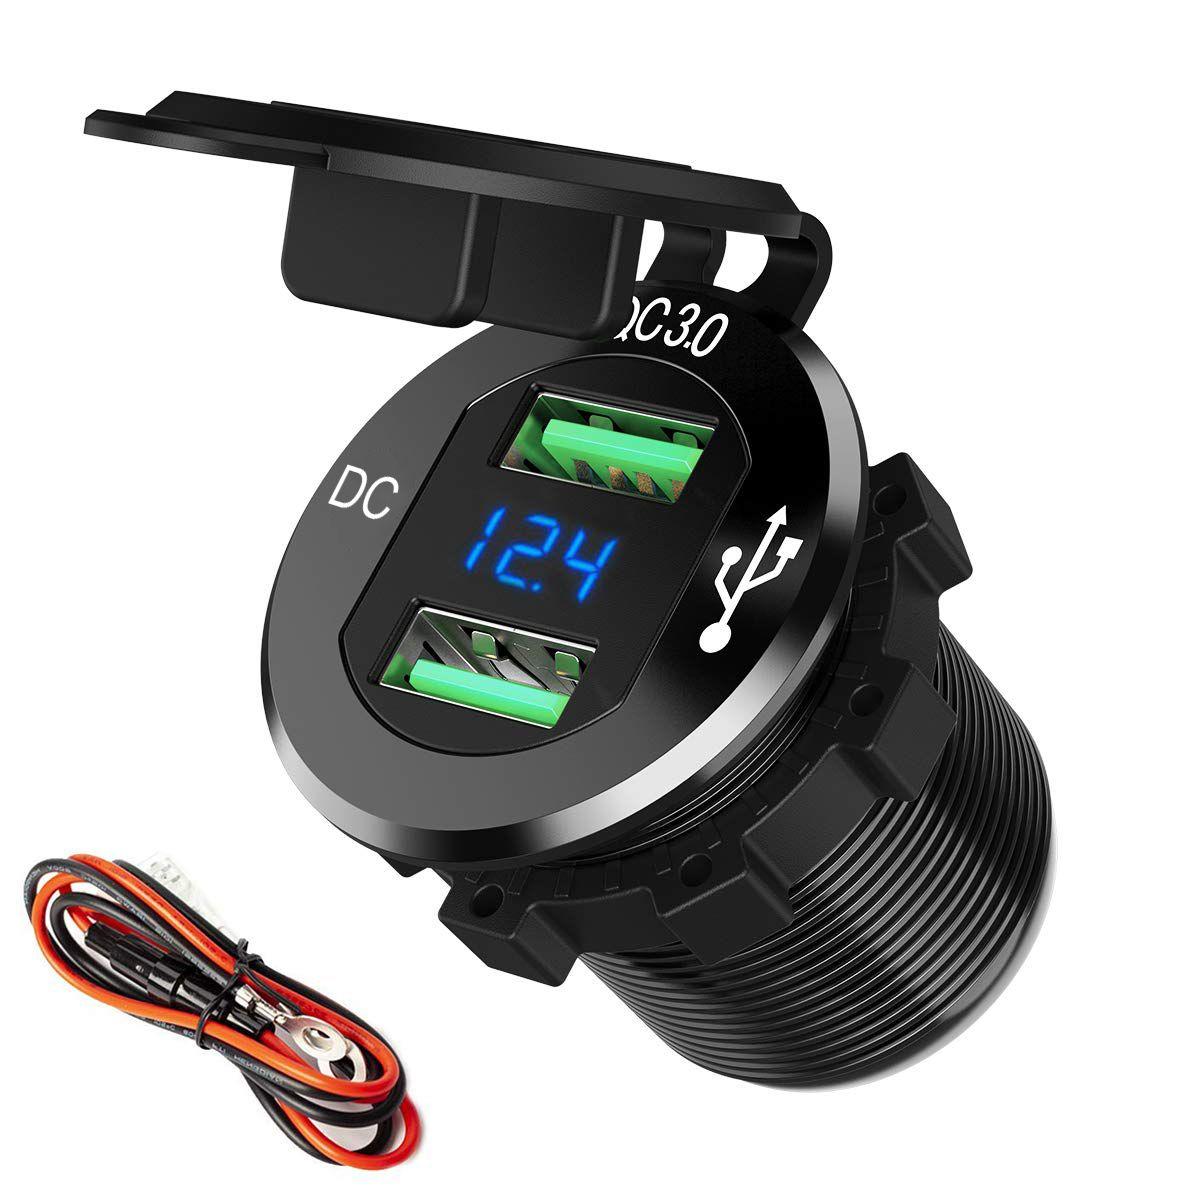 12V / 24V الألومنيوم للماء QC3.0 السريع المزدوج USB سيارة محول شاحن المخرج مقبس الطاقة مع LED الفولتميتر للالبحرية قارب للدراجات النارية شاحنة